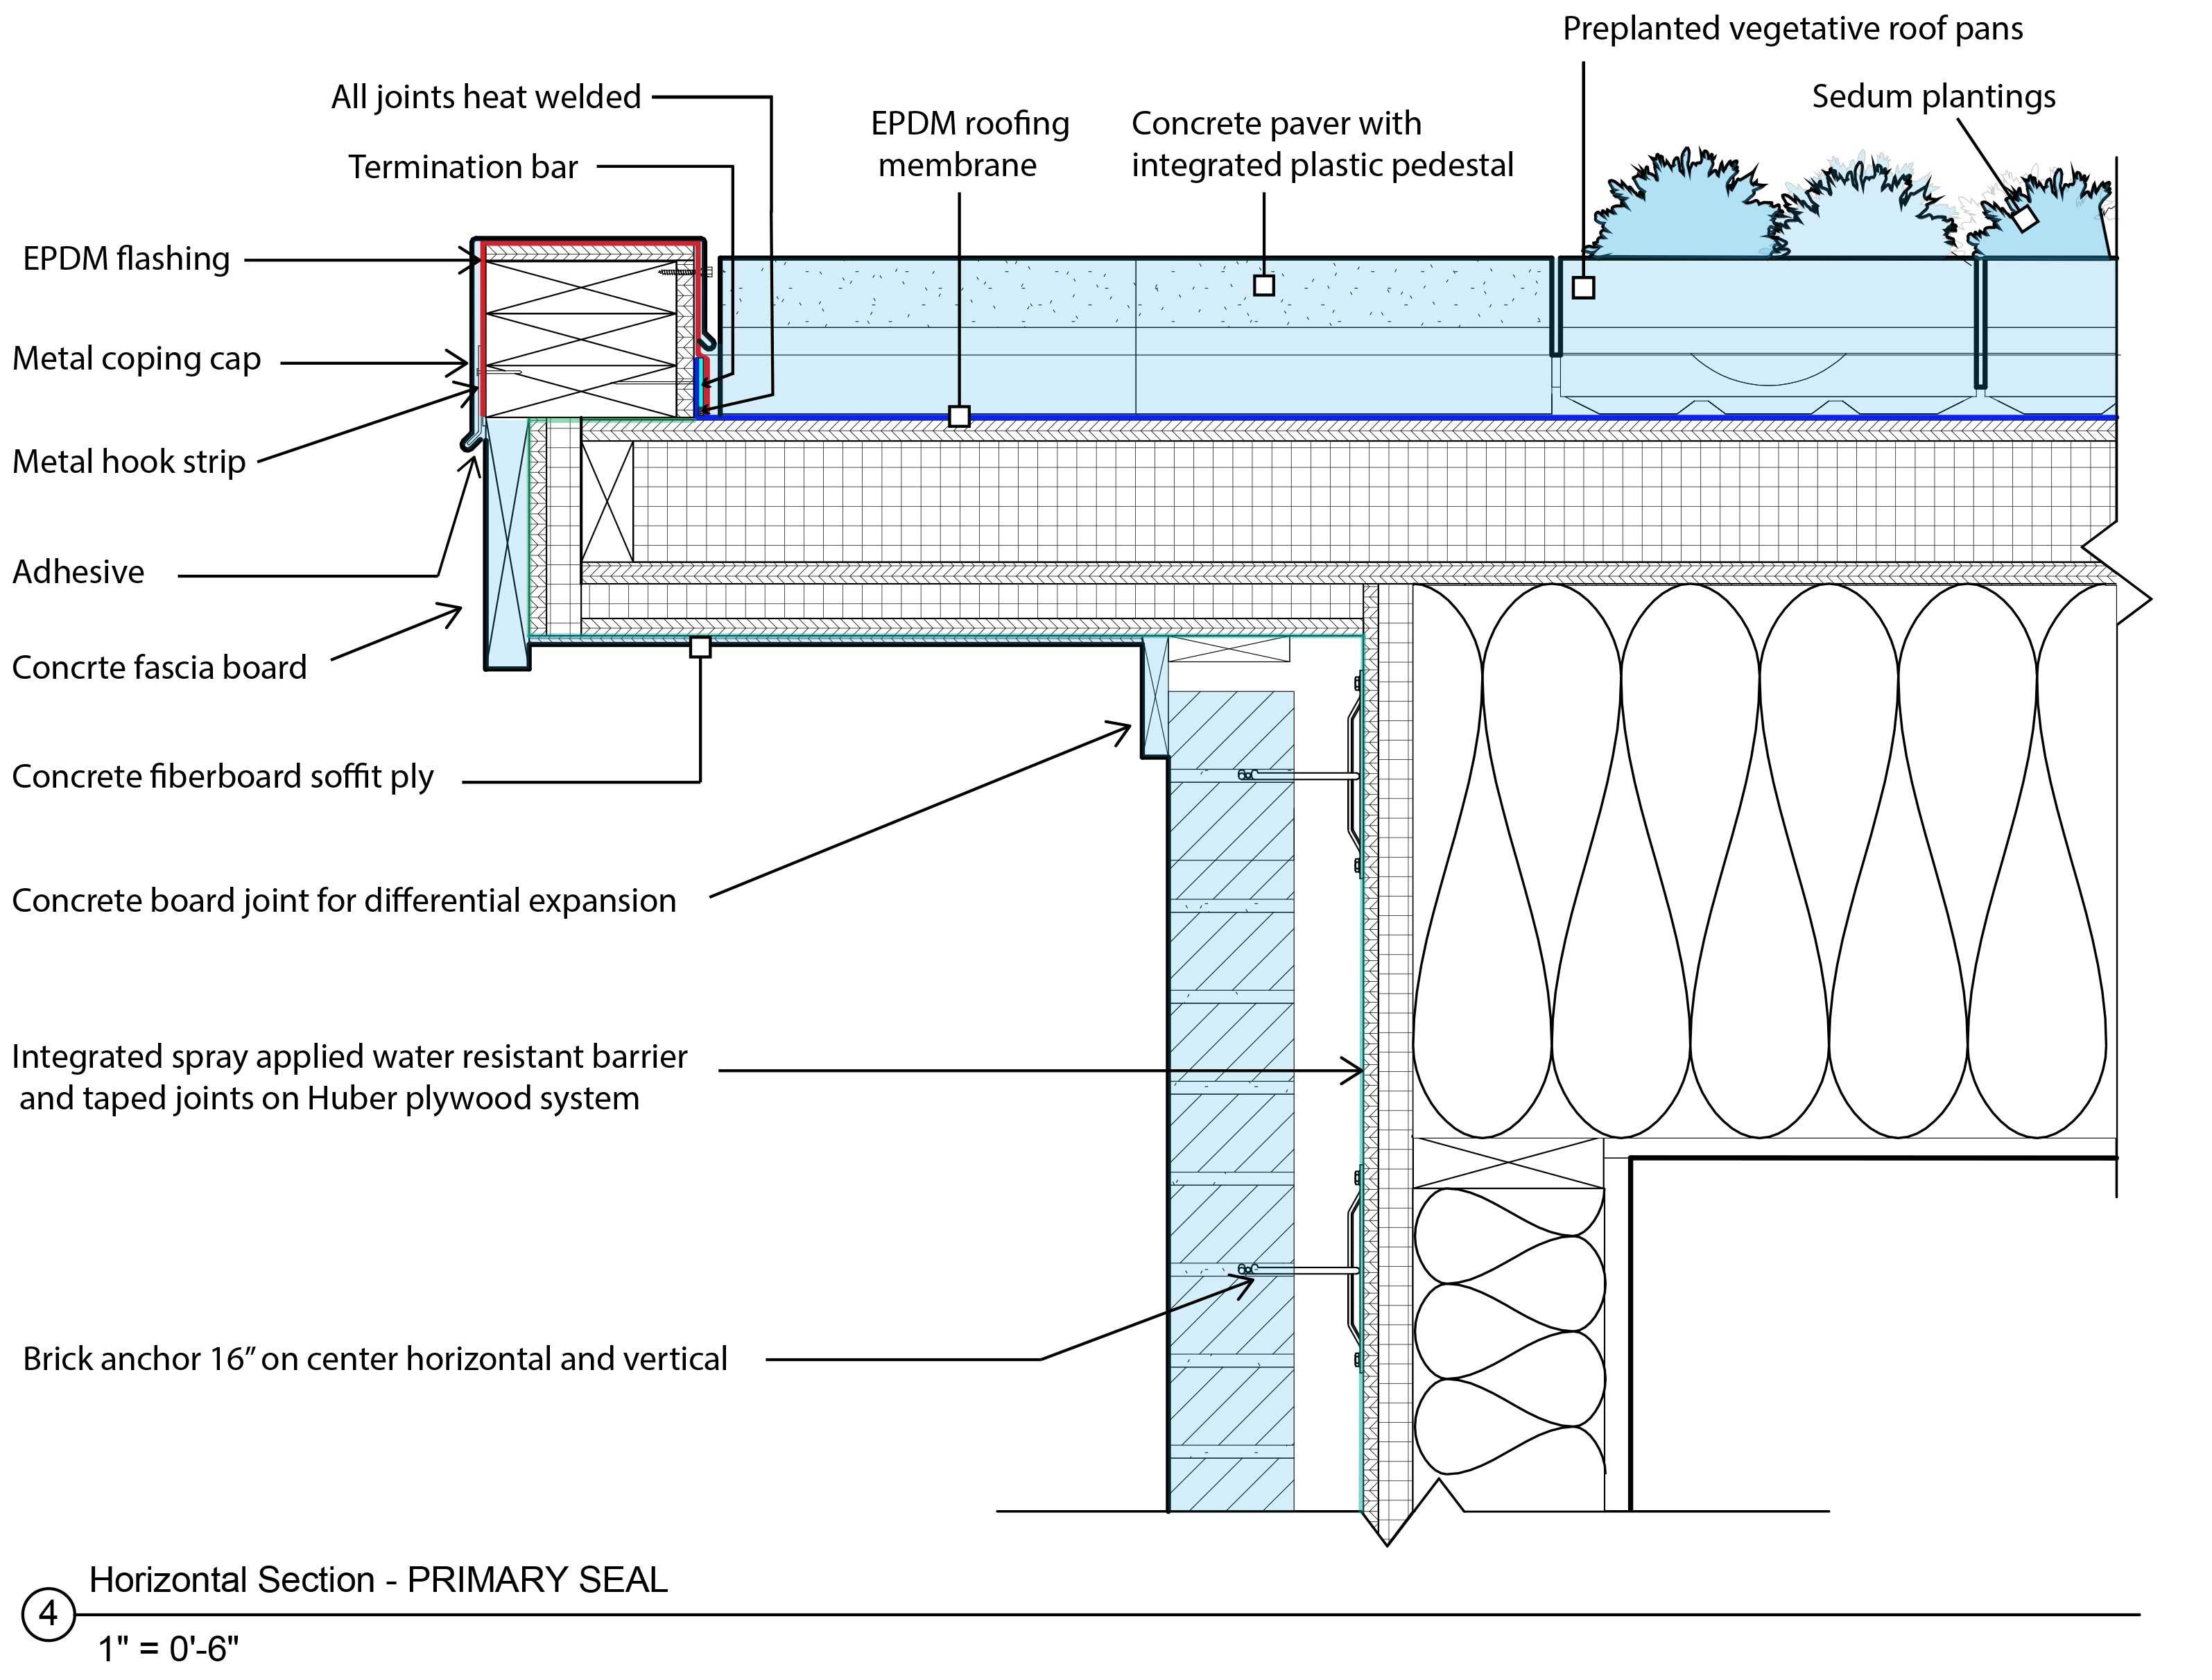 Energy Efficient Revit Construction Details Energy Efficient Construction Epdm Roofing Concrete Pavers